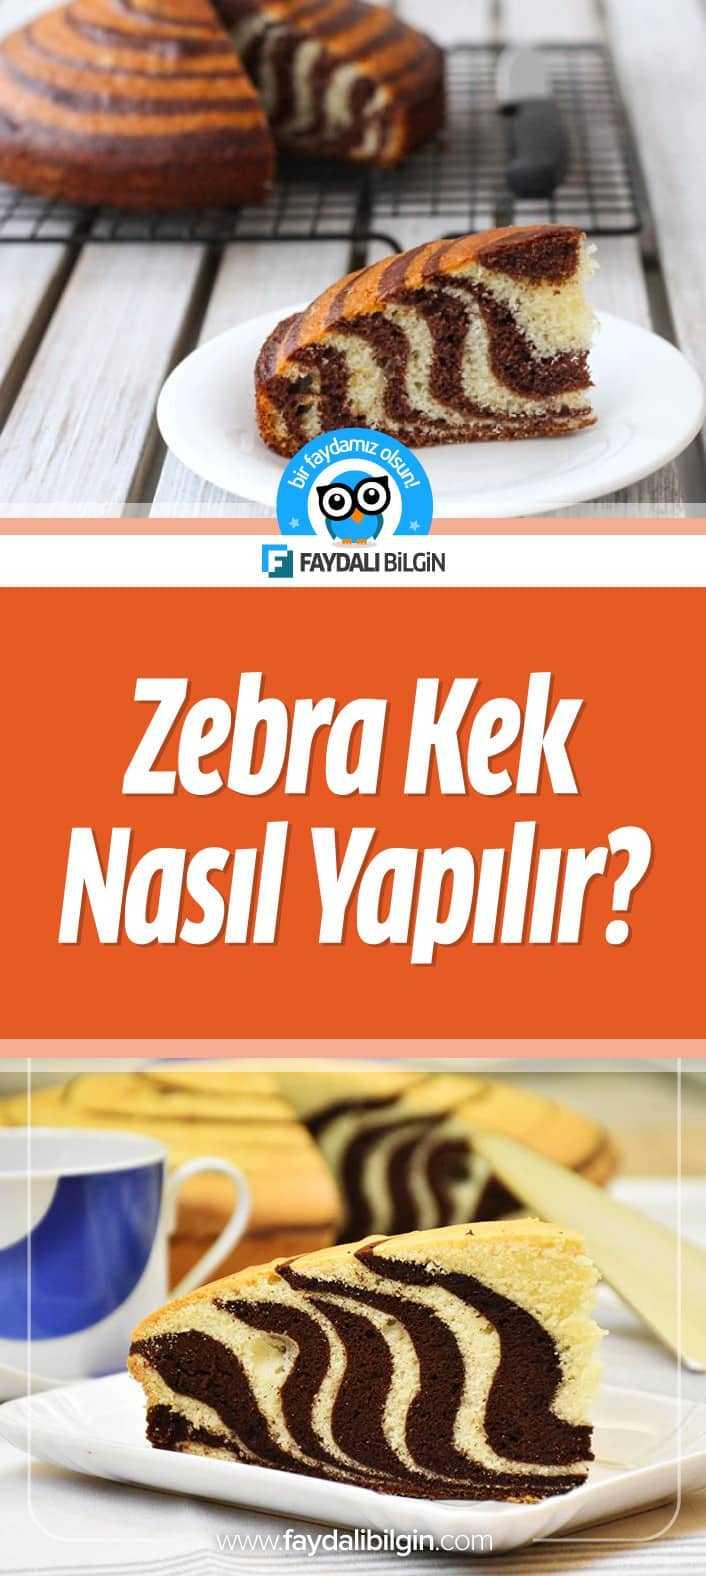 Zebra Kek Nasıl Yapılır?